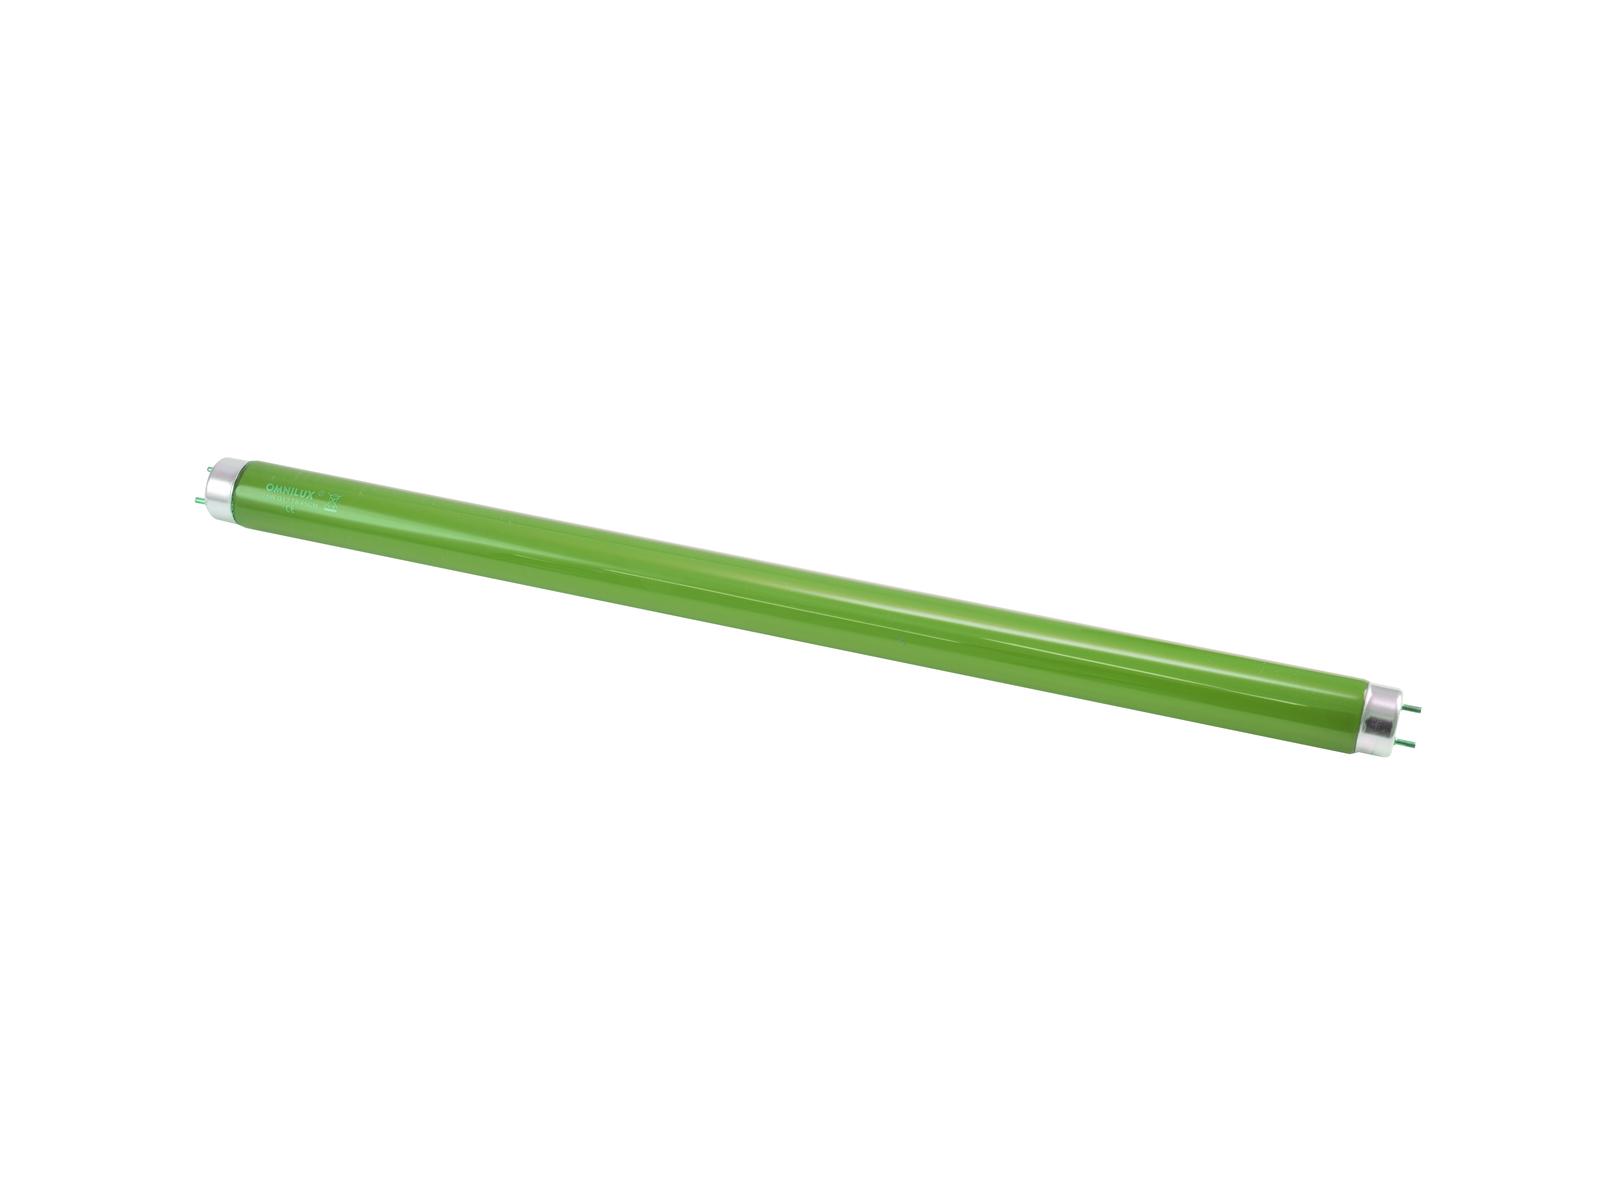 OMNILUX Tubo 15W G13 450x26mm verde glas